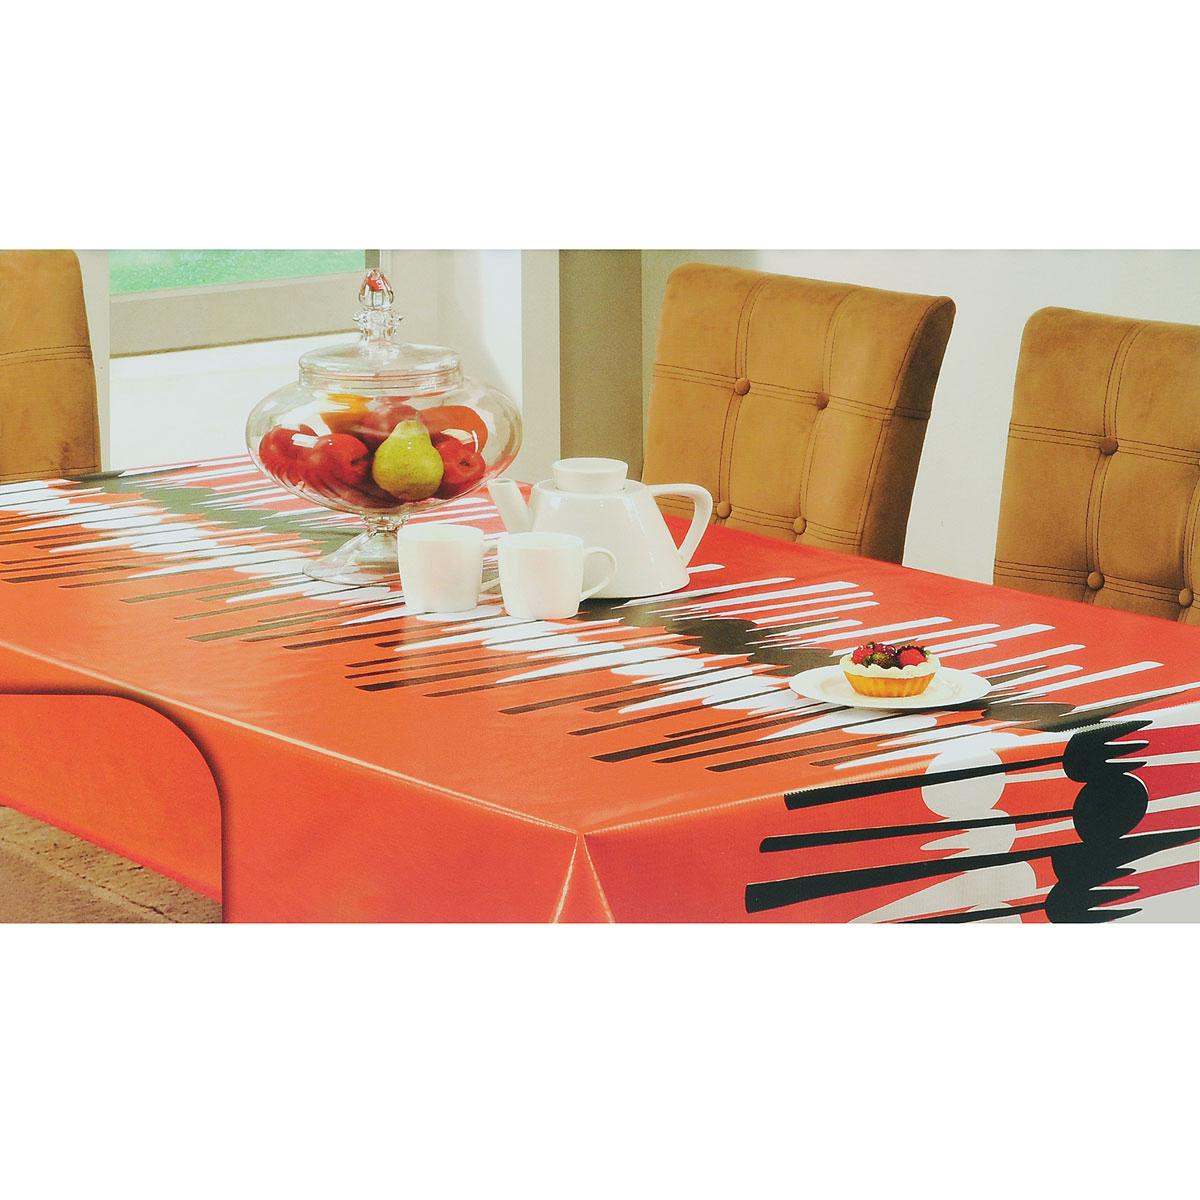 Скатерть White Fox Осень, круглая, цвет: красный, оранжевый, диаметр 152 смWКTC72-258Круглая скатерть White Fox Осень, выполненная из ПВХ с основой из флиса, предназначена для защиты стола от царапин, пятен и крошек. Край скатерти обработан тканью. Скатерть оформлена изображением столовых приборов, а рифлёная поверхность скатерти формирует приятные тактильные ощущения, при этом частички пищи удаляются с легкостью и поверхность остается всегда чистой. Скатерть термостойкая выдерживает температуру до +70 °C. Скатерть White Fox проста в уходе - её можно протирать любыми моющими средствами при необходимости. Скатерть упакована в виниловый пакет с внутренним цветным вкладышем и подвесом в виде крючка.